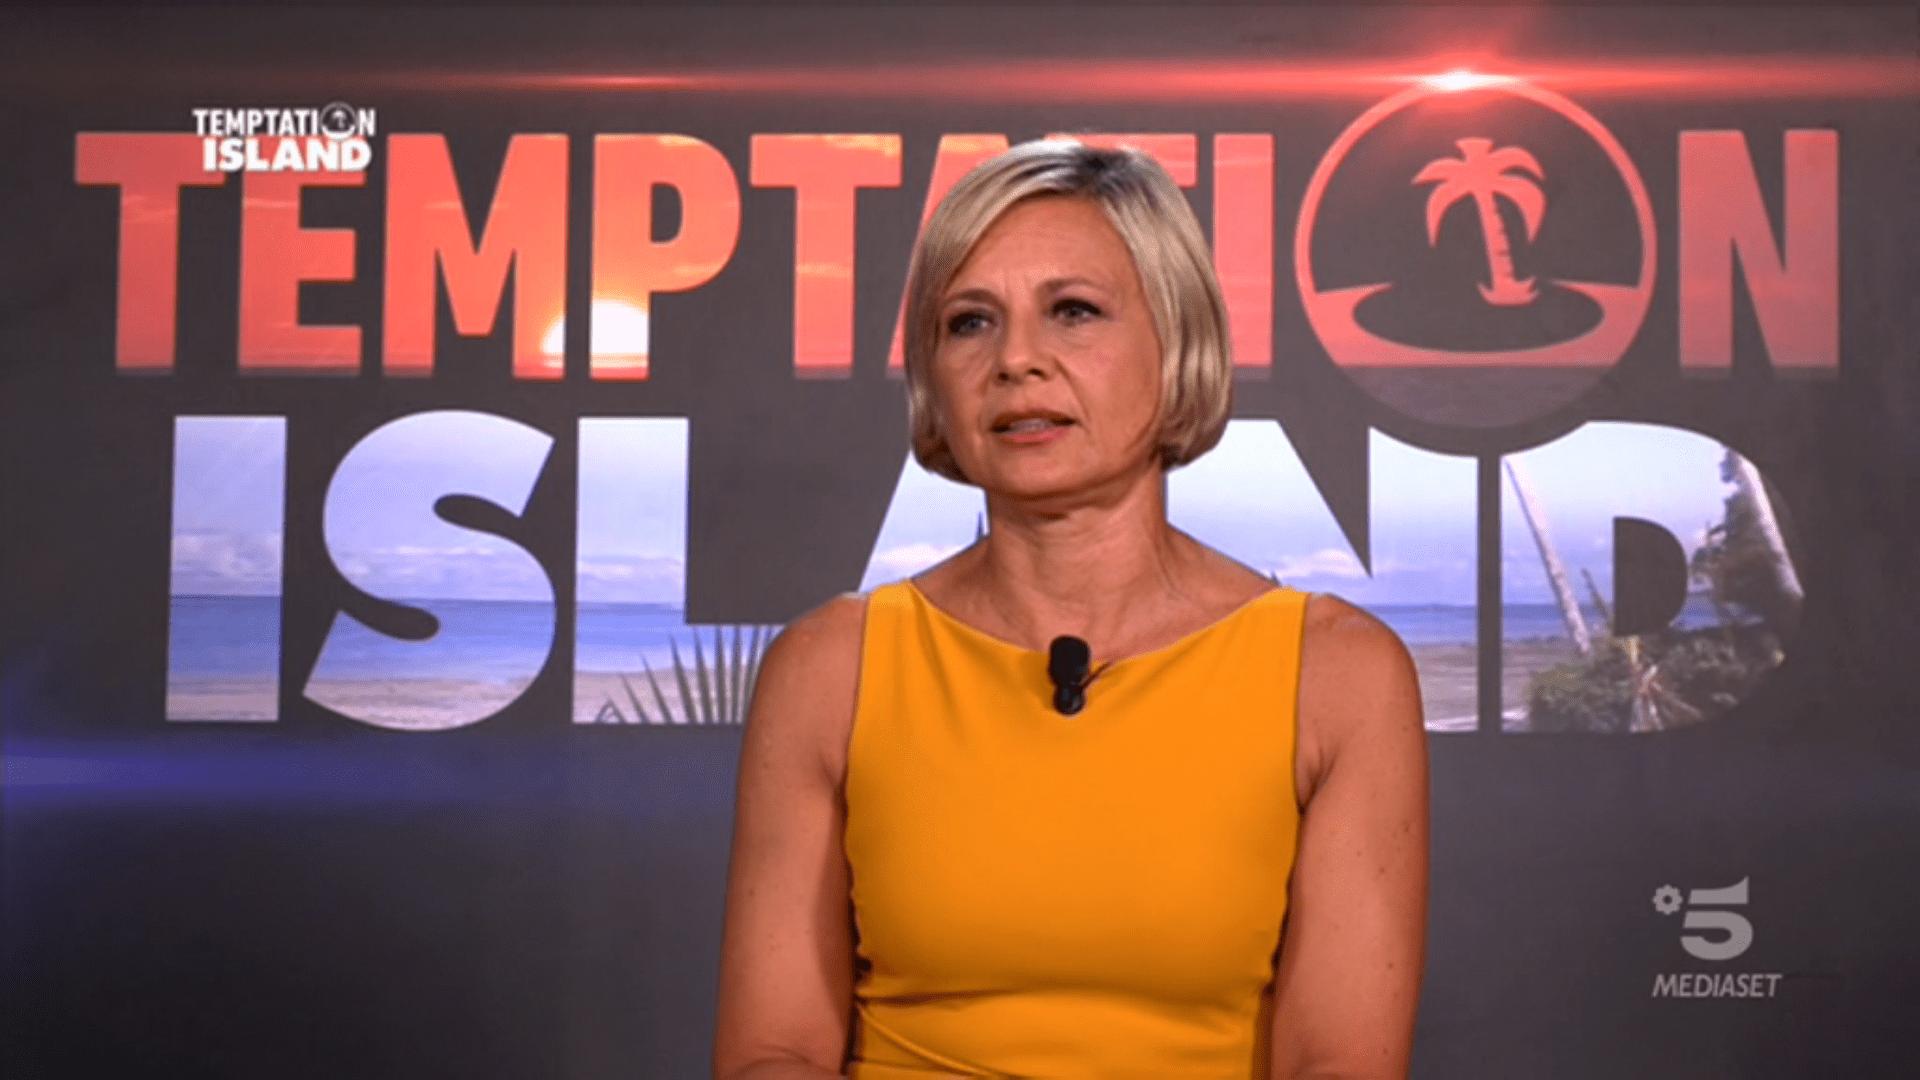 AscoltiTV 30 luglio 2020: Il gran finale di Temptation Island, tra Scusate se esisto, Io Robot e In Onda Focus. In daytime, DayDreamer e Reazione a catena